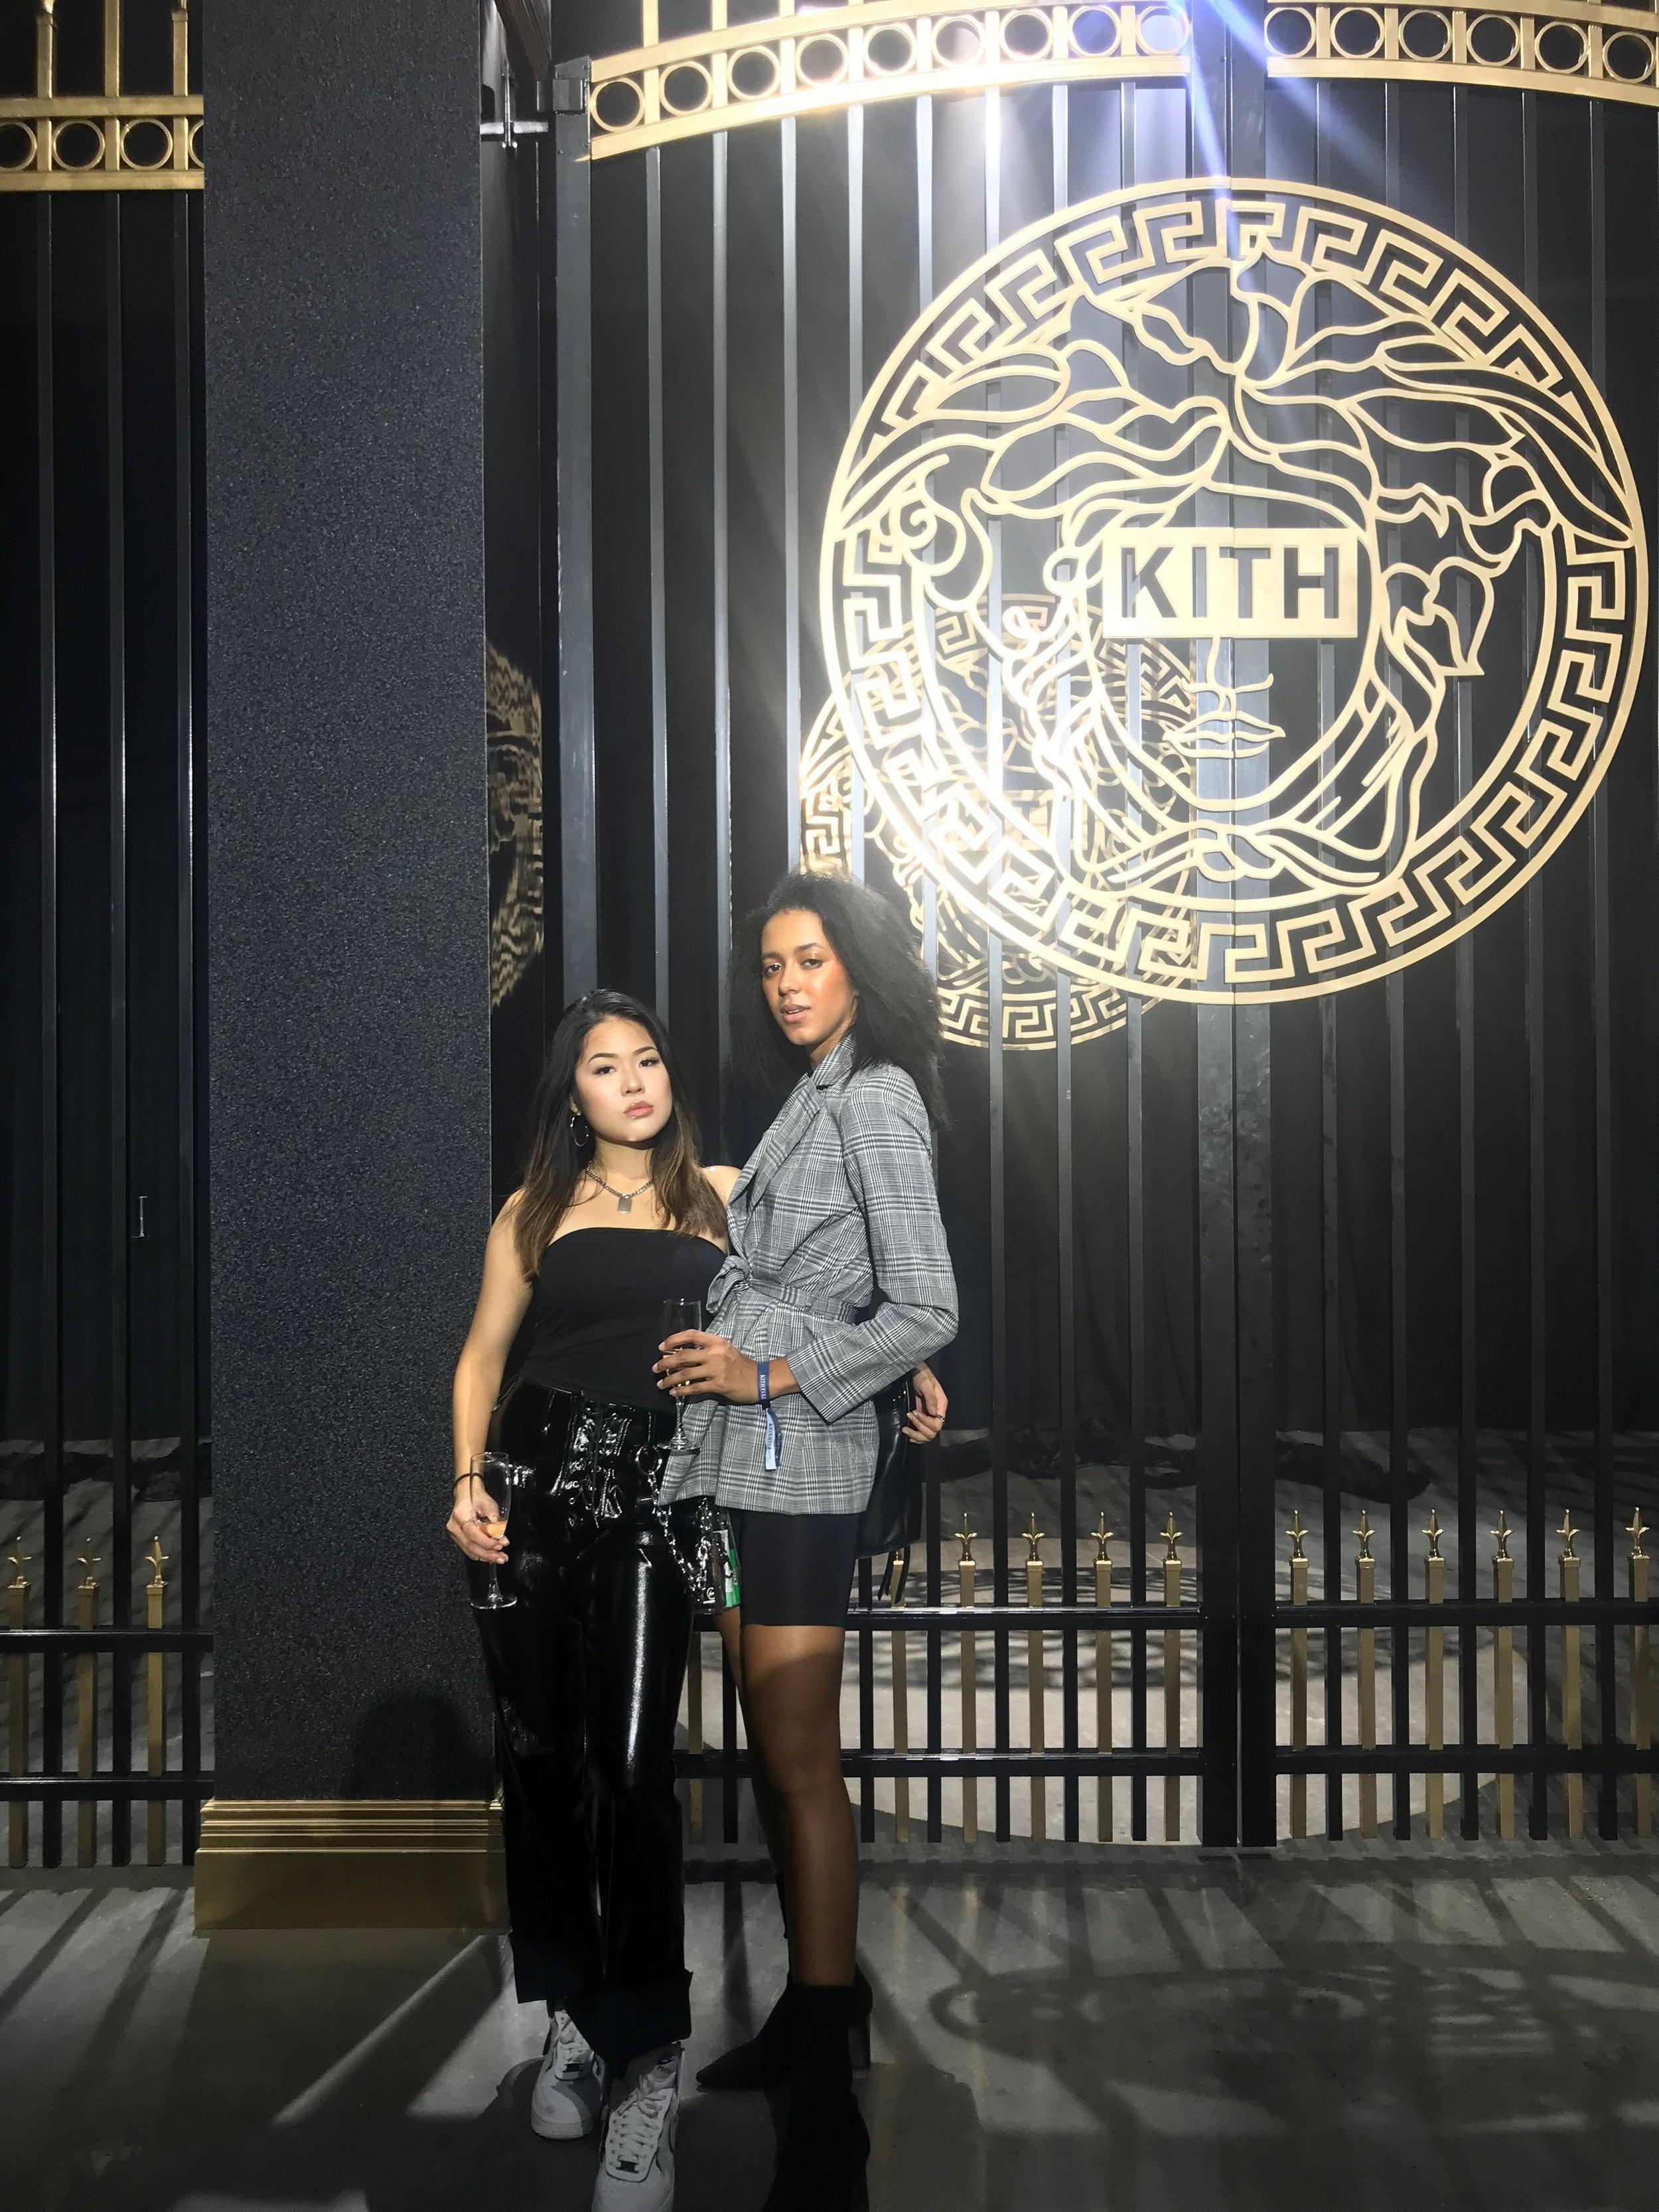 kith park 3.JPG